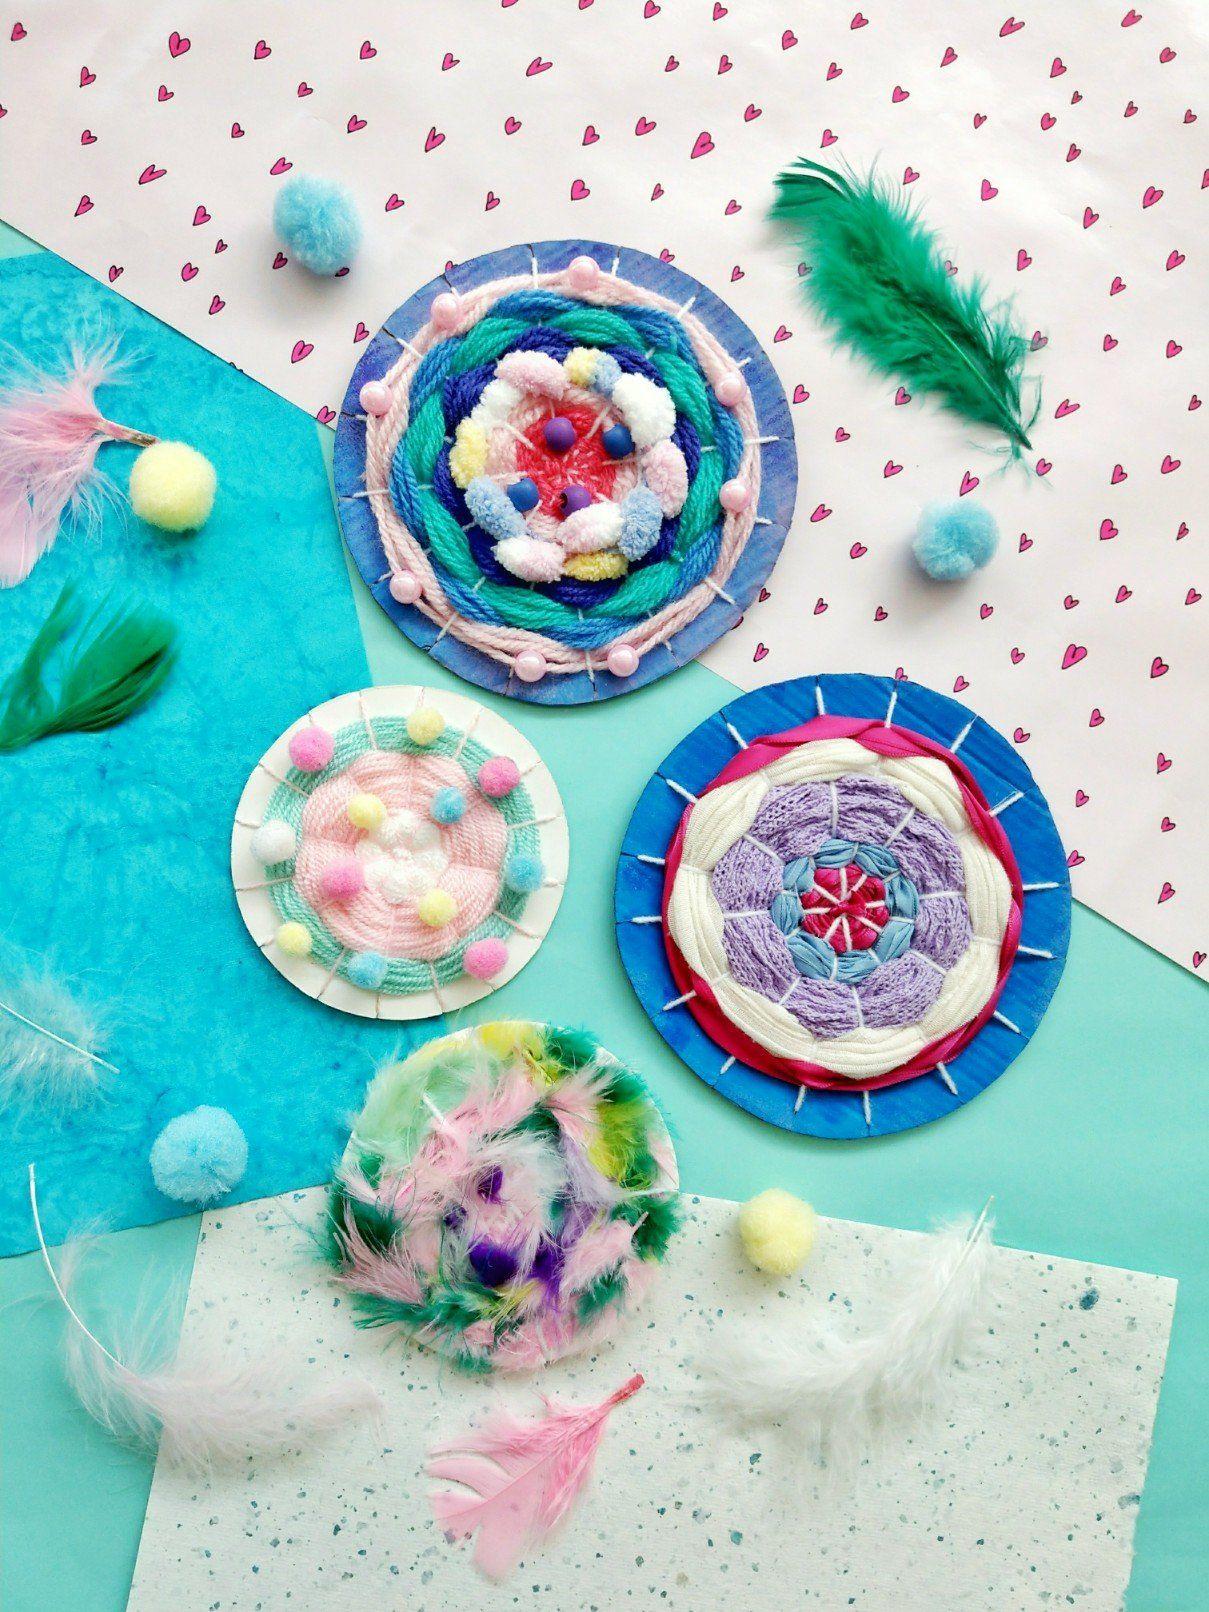 Tissage avec des enfants – idée de bricolage simple avec instructions – petit amour   – Bastelideen kinder